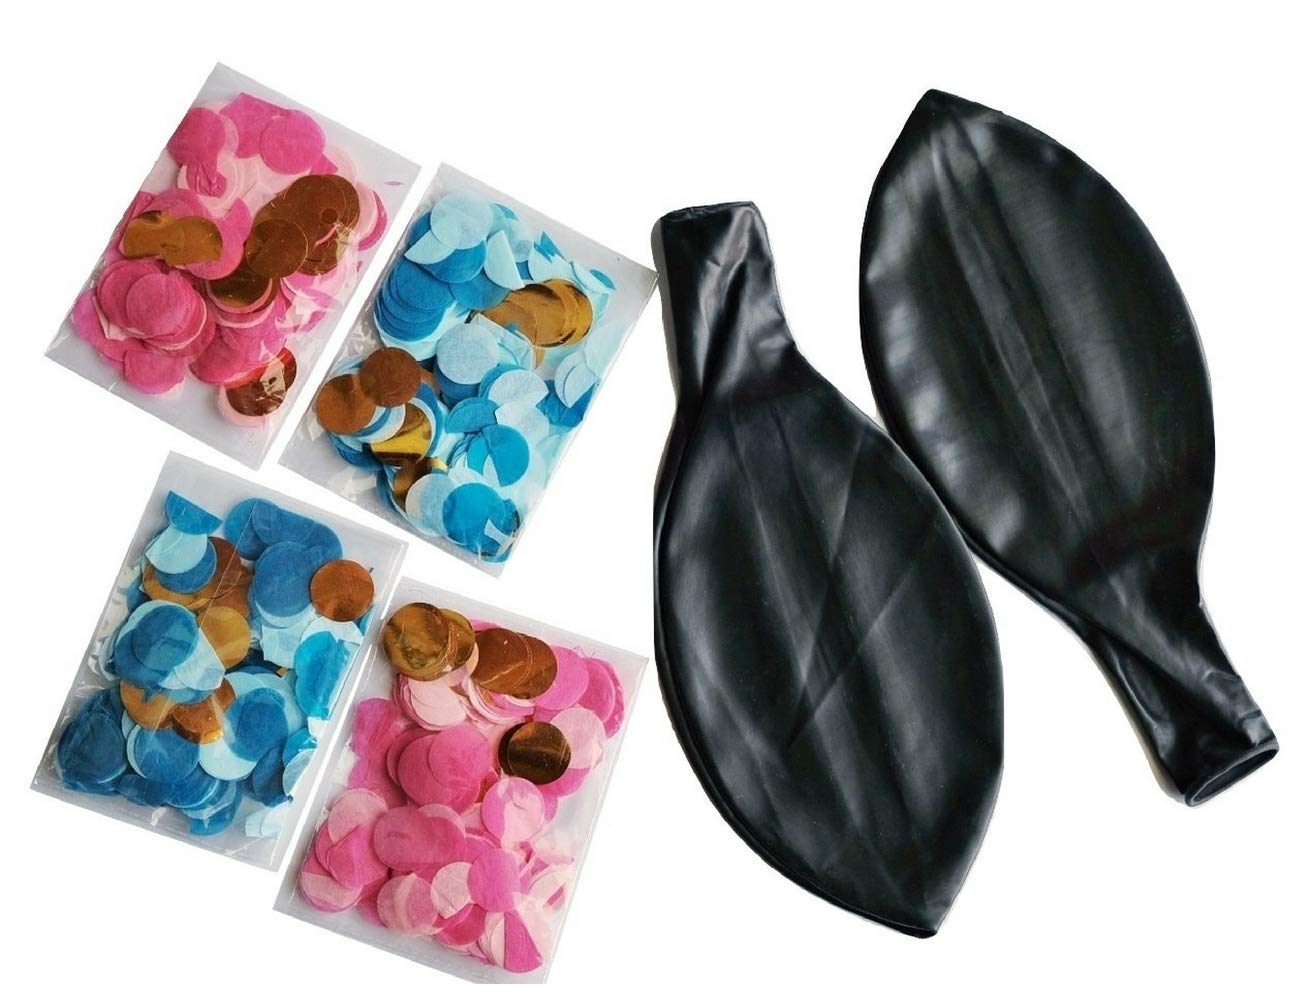 Gender Reveal Balloons 2 Pack - 2 Black Sphere Balloons + 4 Packs Confetti, 2 Blue, 2 Pink Winsharp